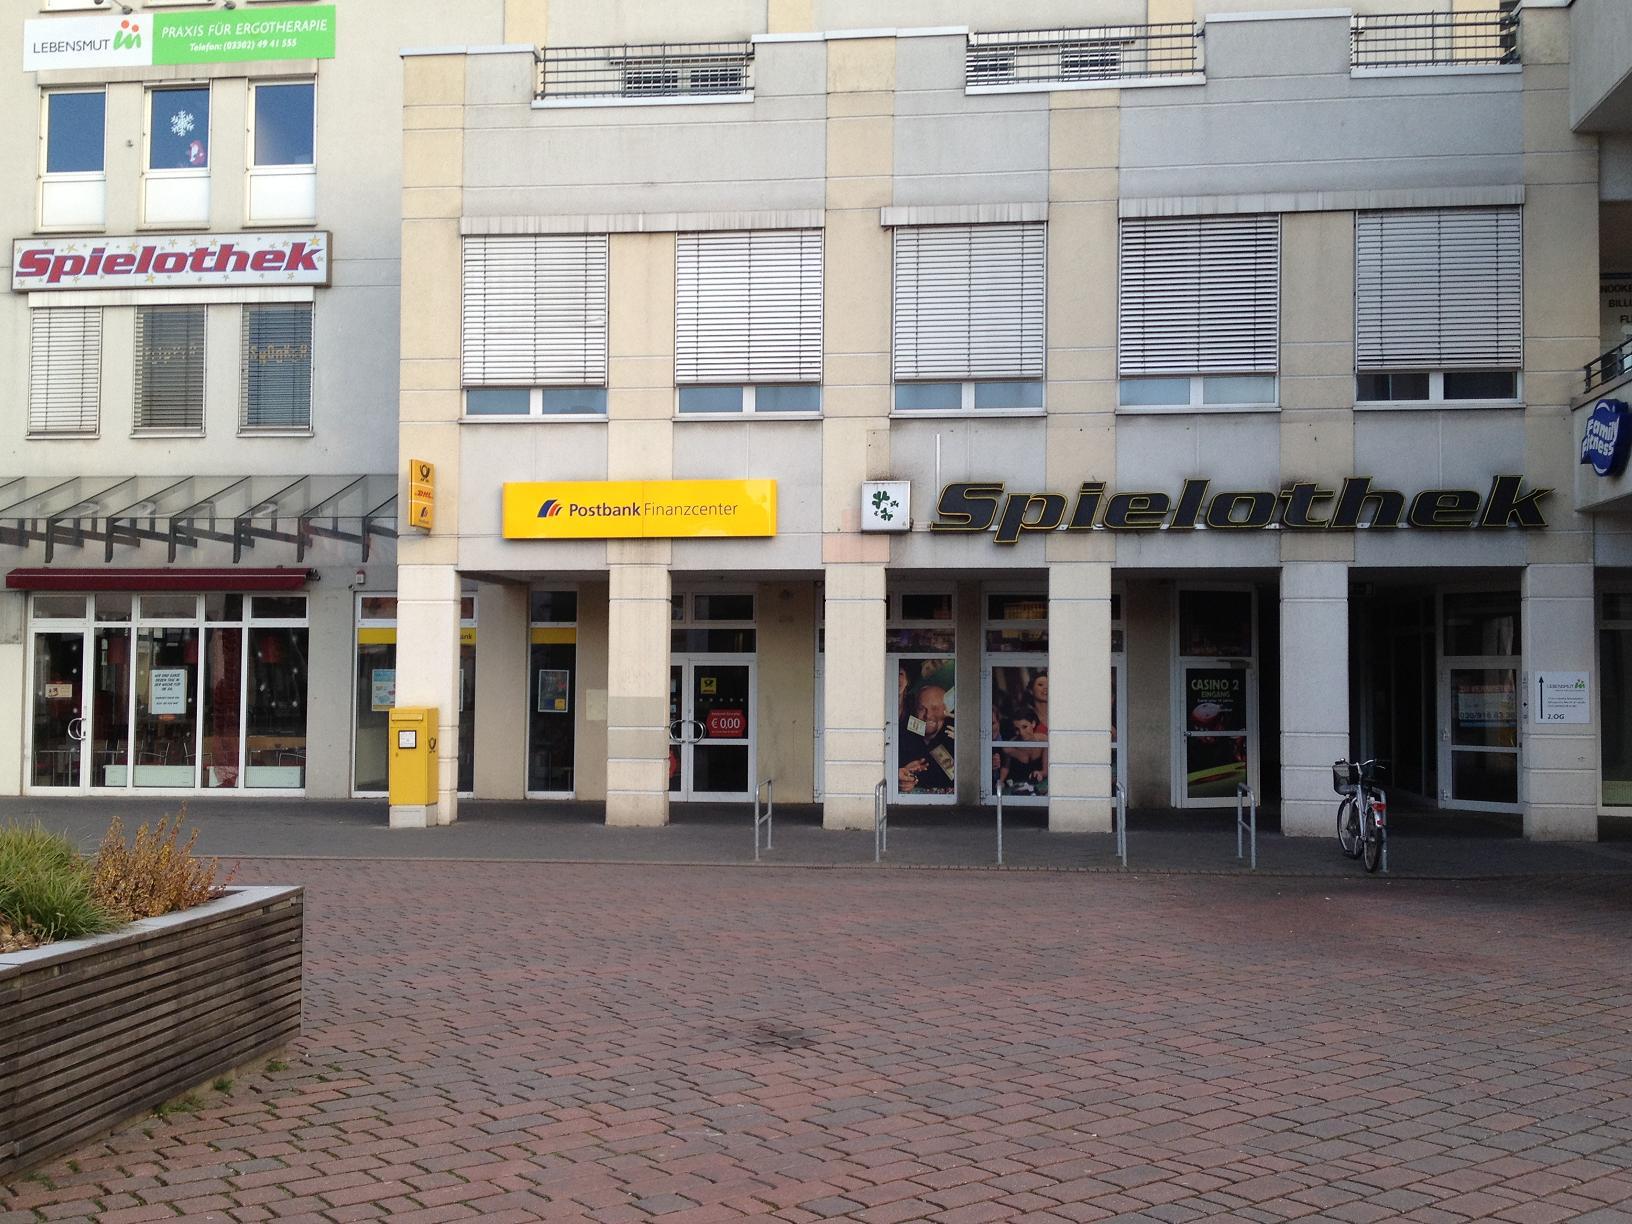 Spielothek Spielhalle, Am Havelplatz 1, Hennigsdorf